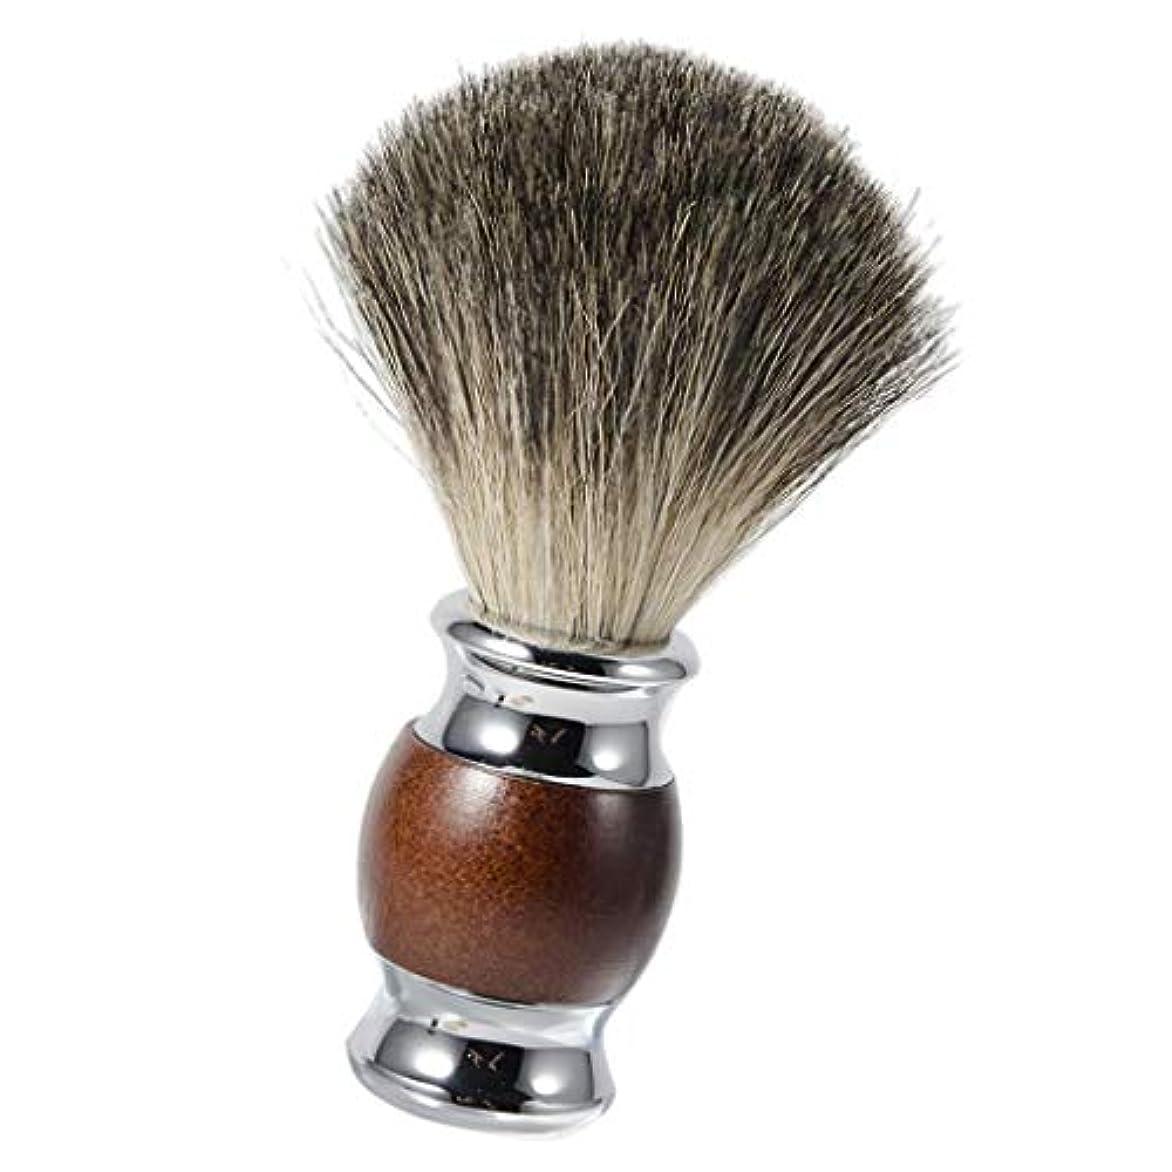 縁エージェントセットアップchiwanji シェービング用ブラシ シェービングブラシ メンズ 理容 洗顔 髭剃り シェービング用アクセサリー